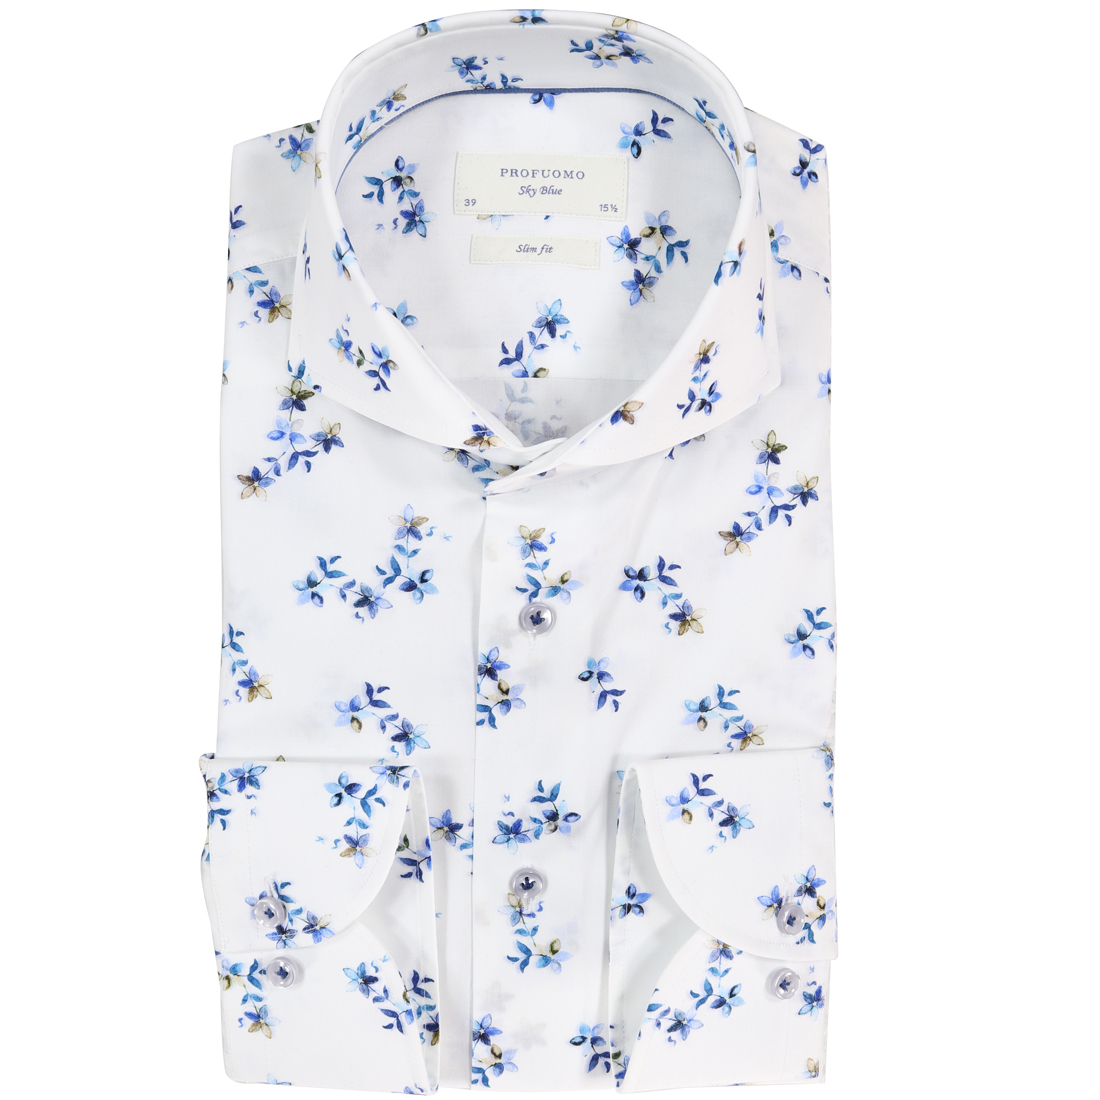 Profuomo Overhemd.Profuomo Overhemd Slim Fit Ppqh1c1039 In Het Aqua